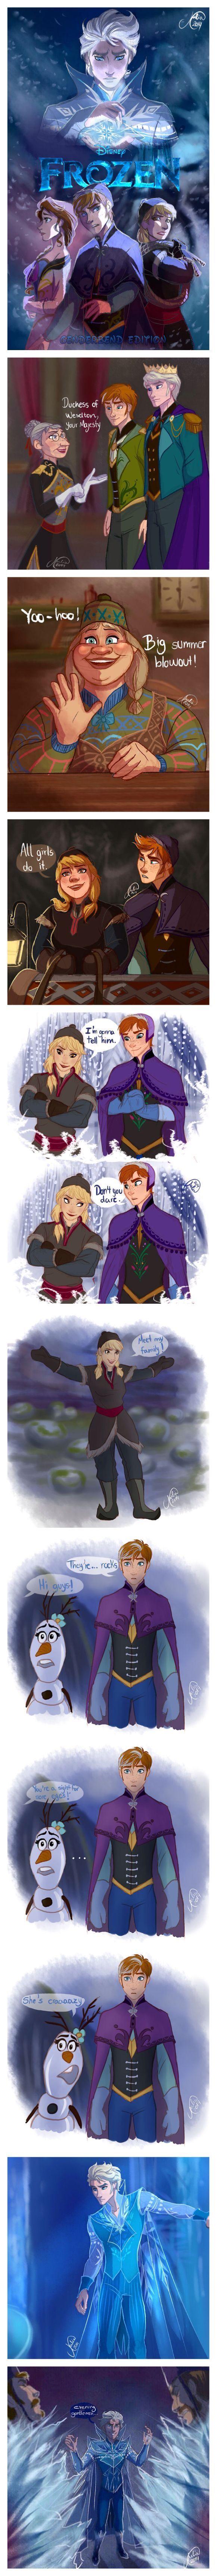 Frozen genderbend